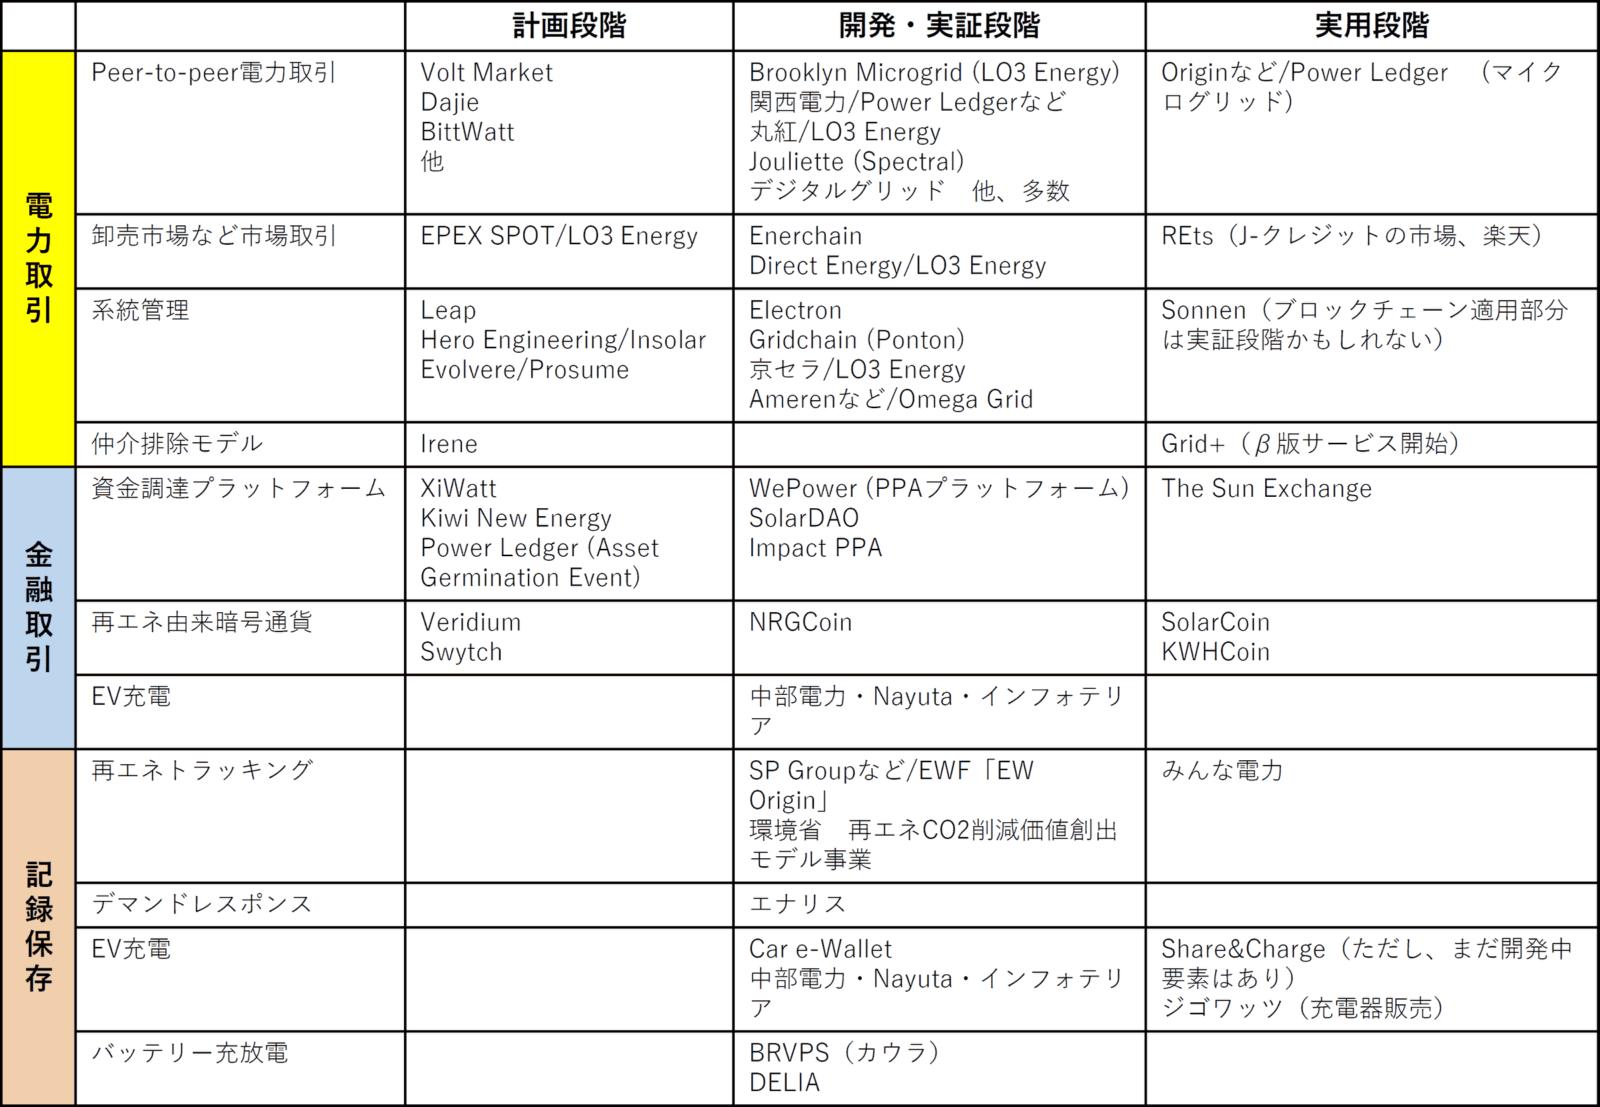 図2 段階別に分けたエネルギー分野のブロックチェーンの応用事例(出所:著者作成・著者が参加するIEEE P2418.5エネルギー分野のブロックチェーン標準化に関するワーキンググループへの提出資料から)